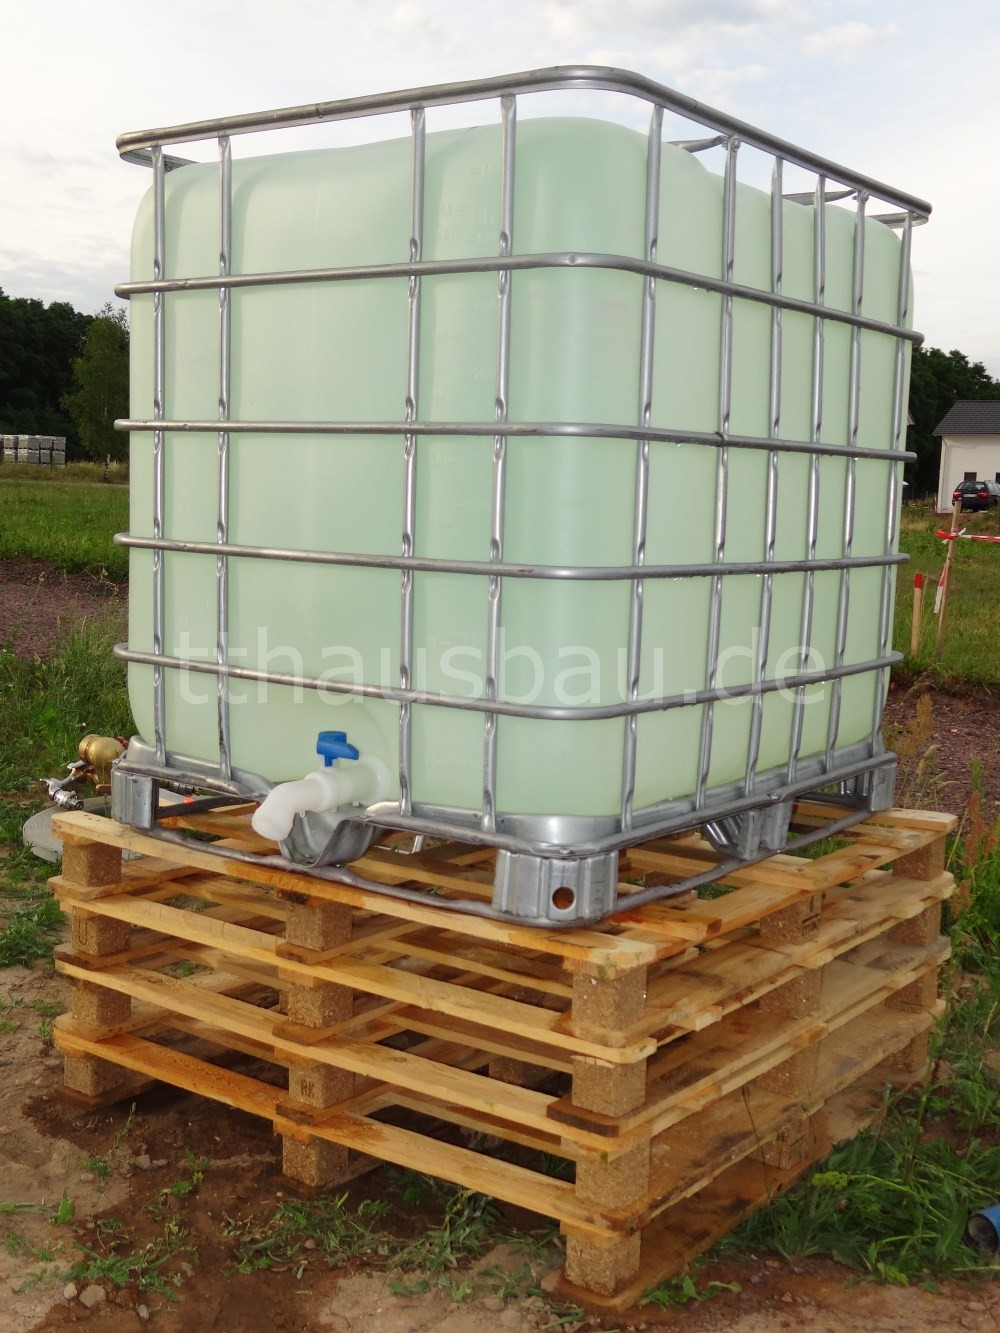 IBC-Tank mit Wasser gefüllt. Unser Vorrat an Bauwasser.